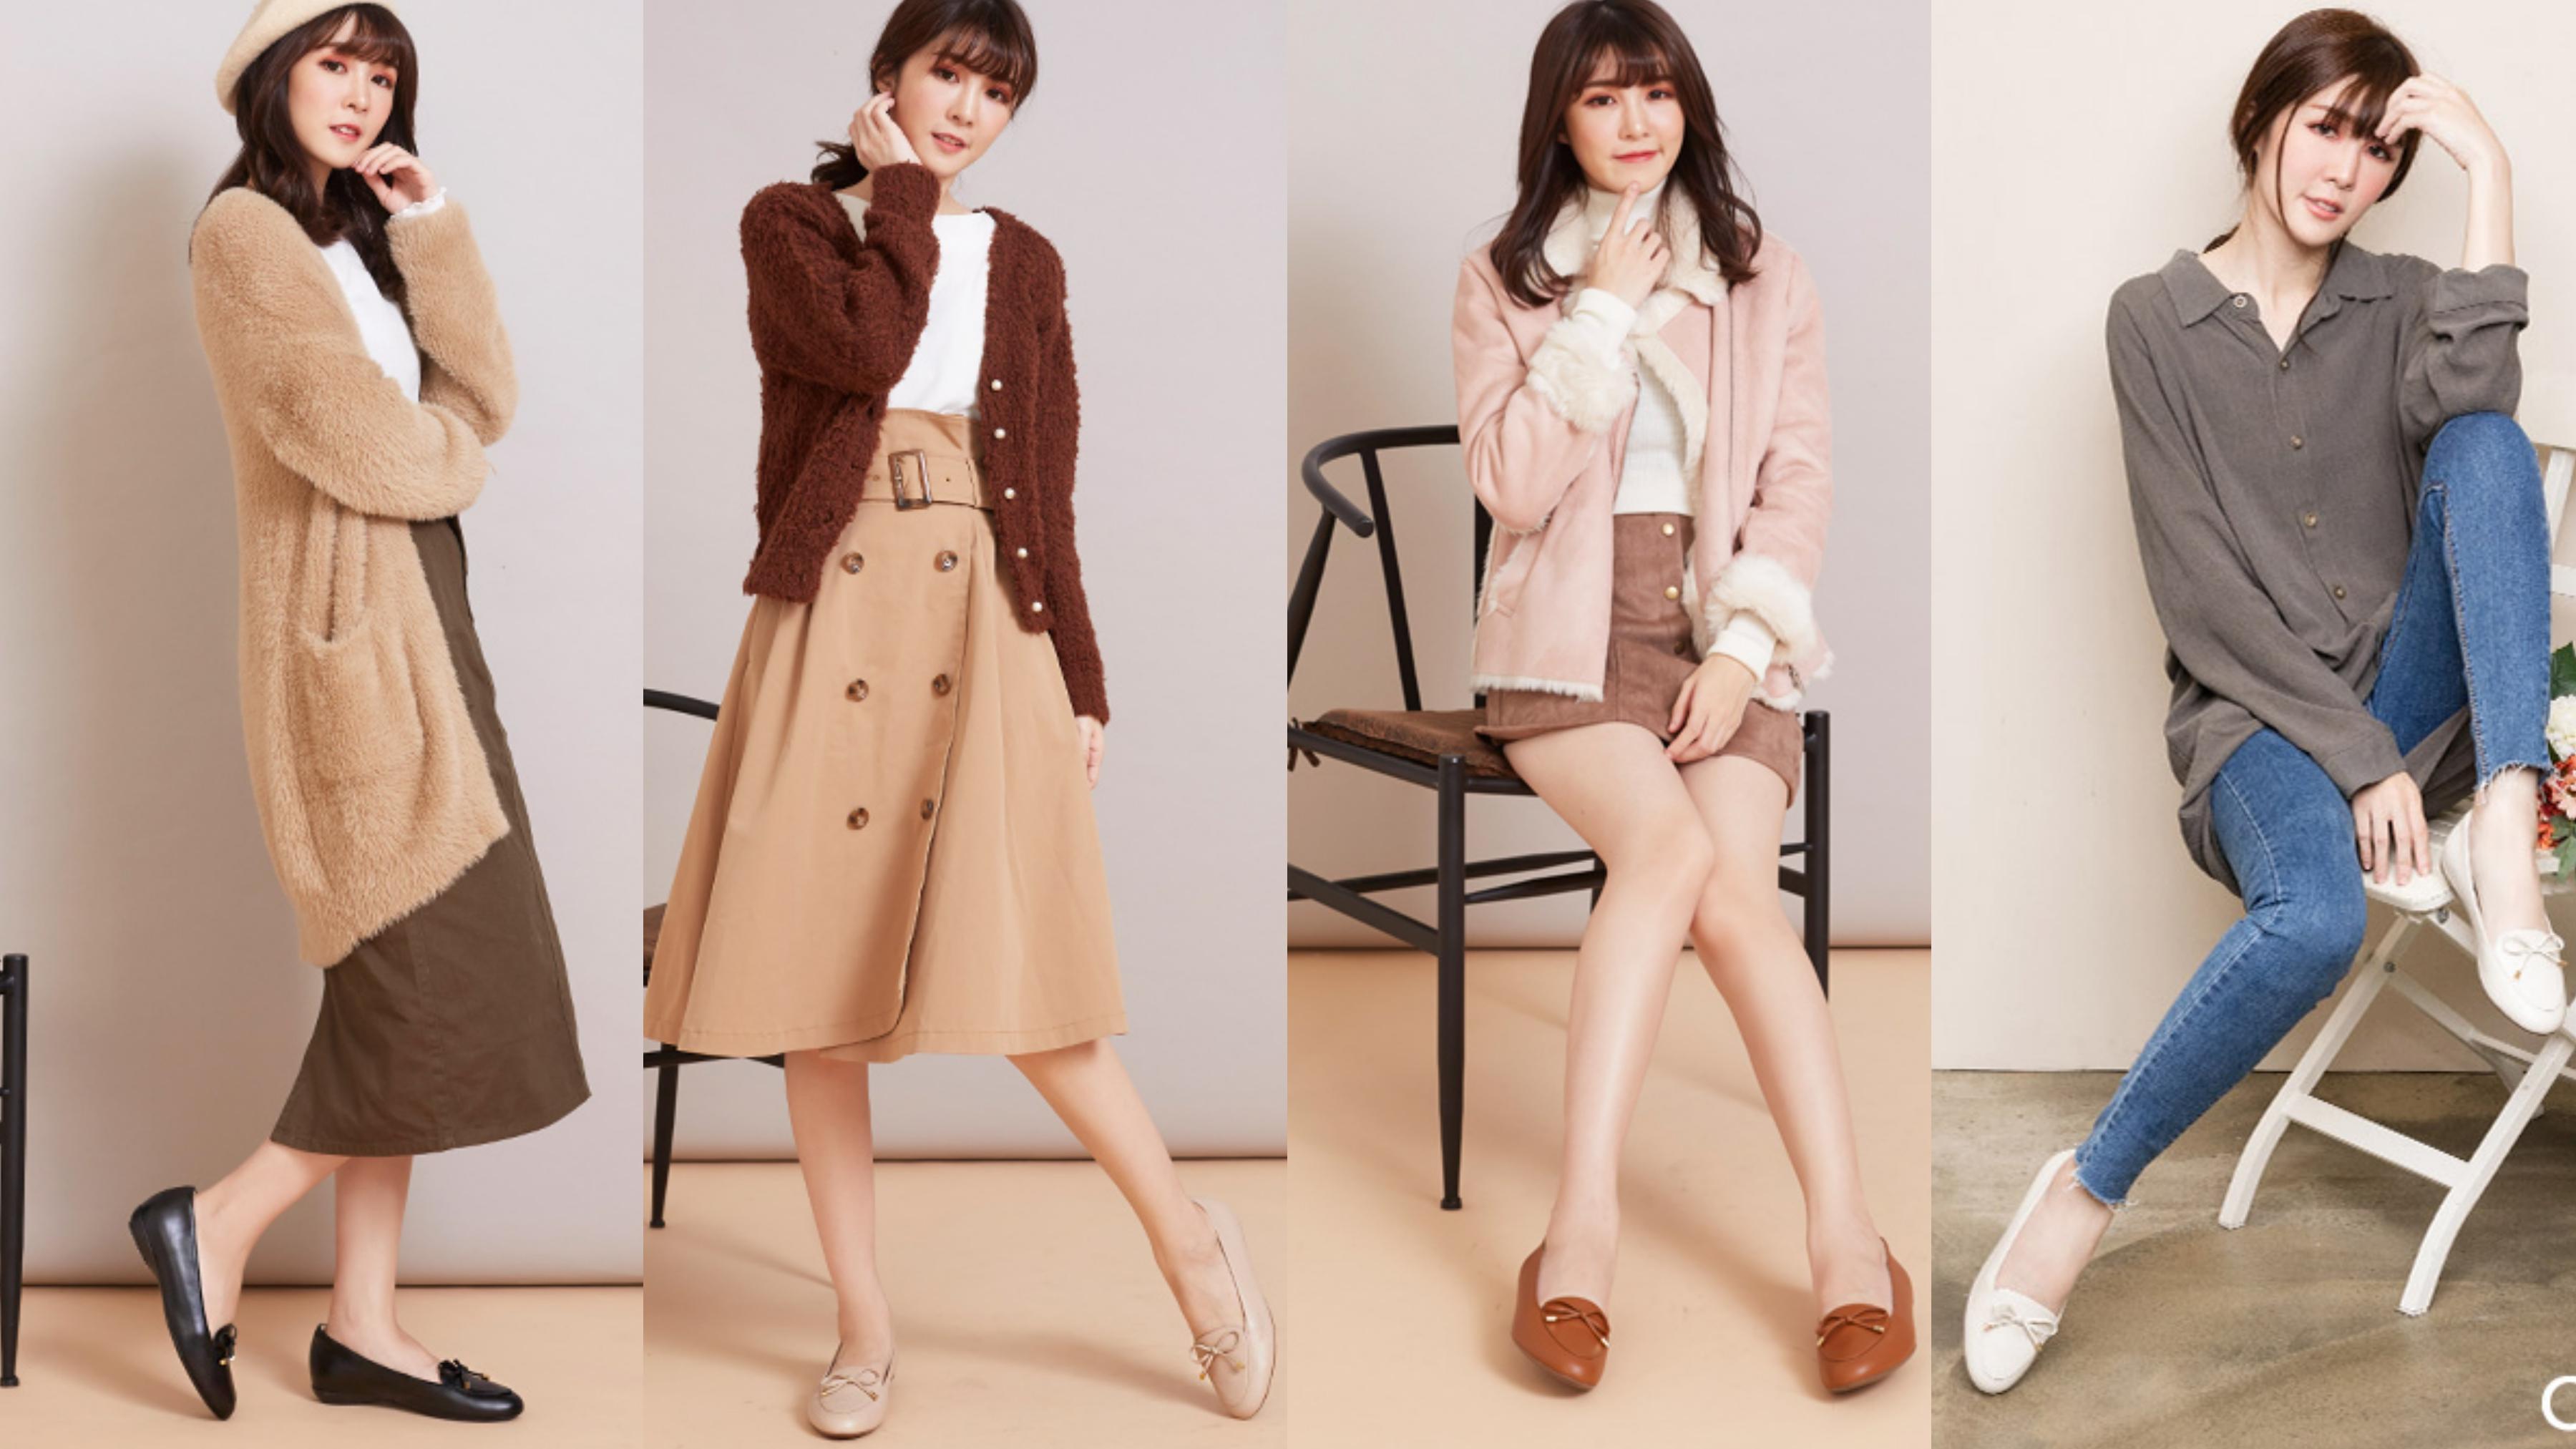 質感女孩專屬款式,詮釋日系潮流的風格